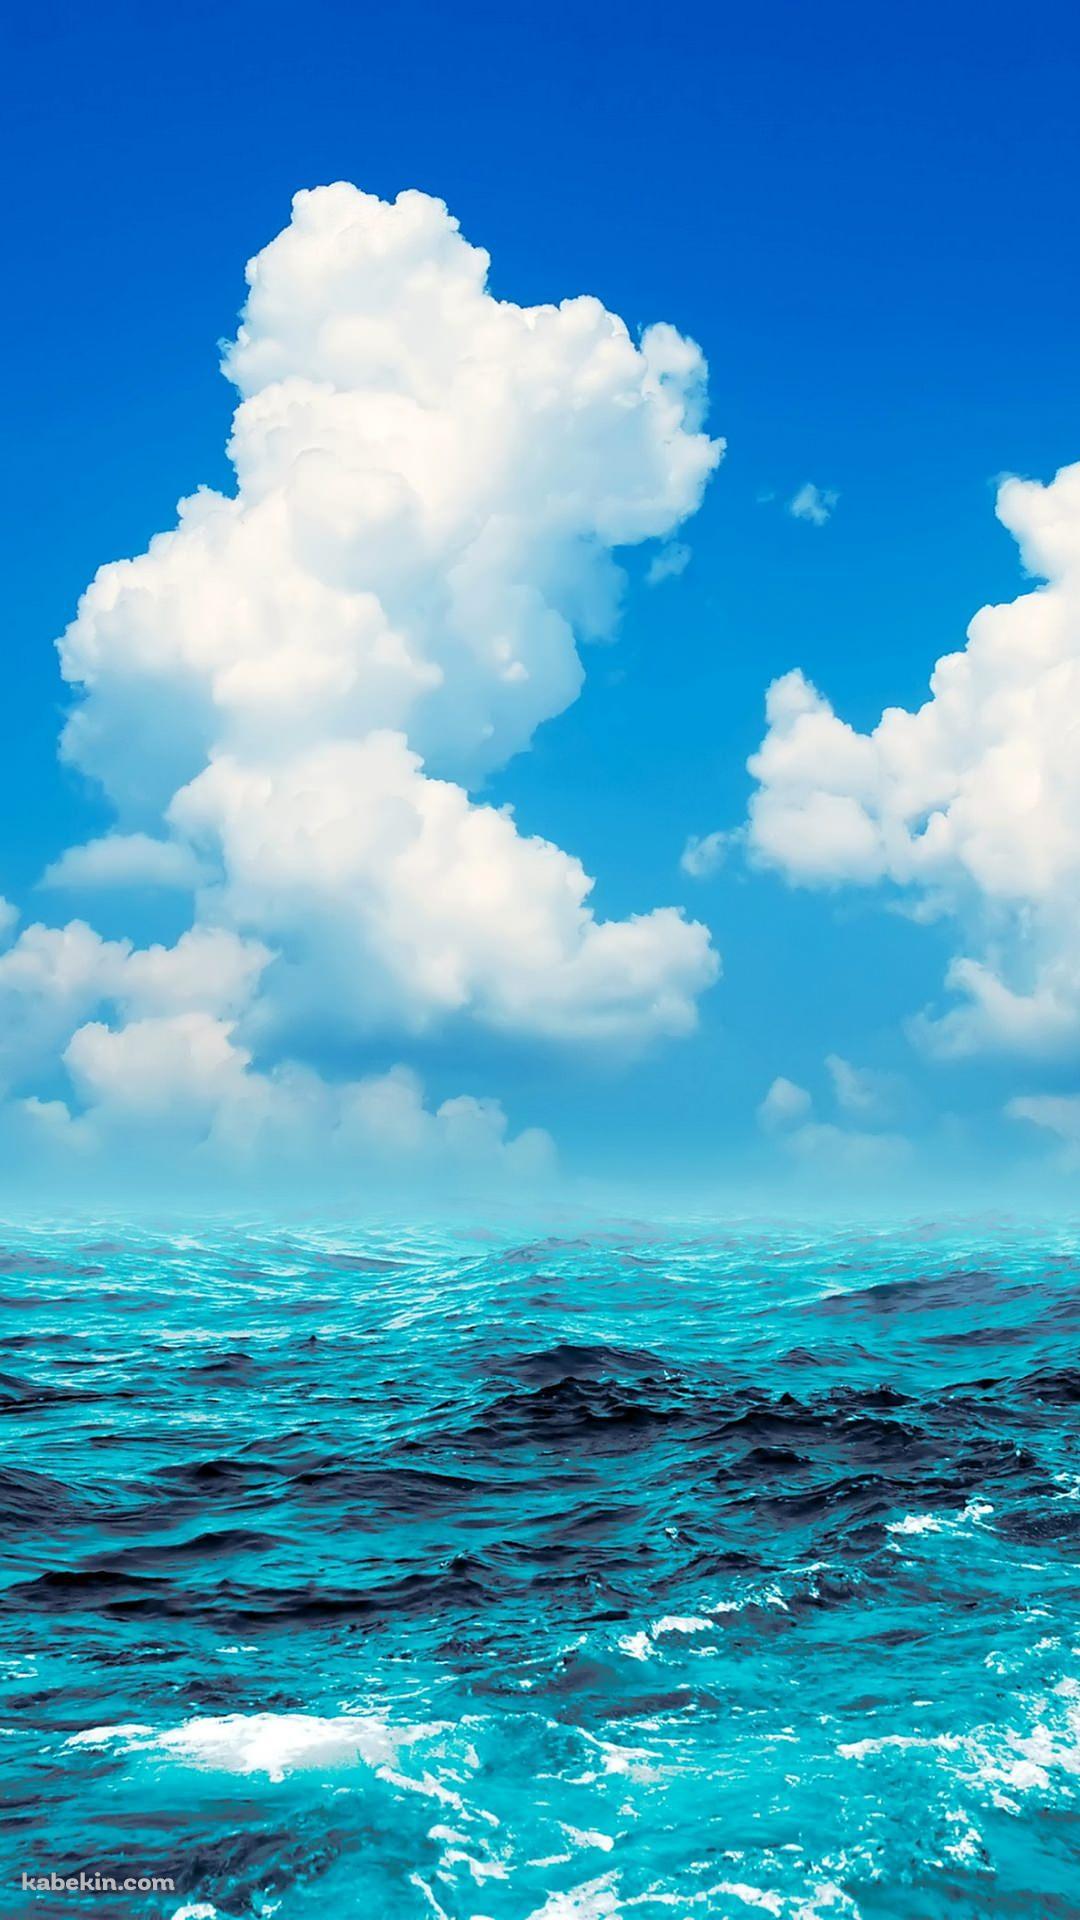 綺麗な空と海のandroid壁紙 1080 X 19 壁紙キングダム スマホ版